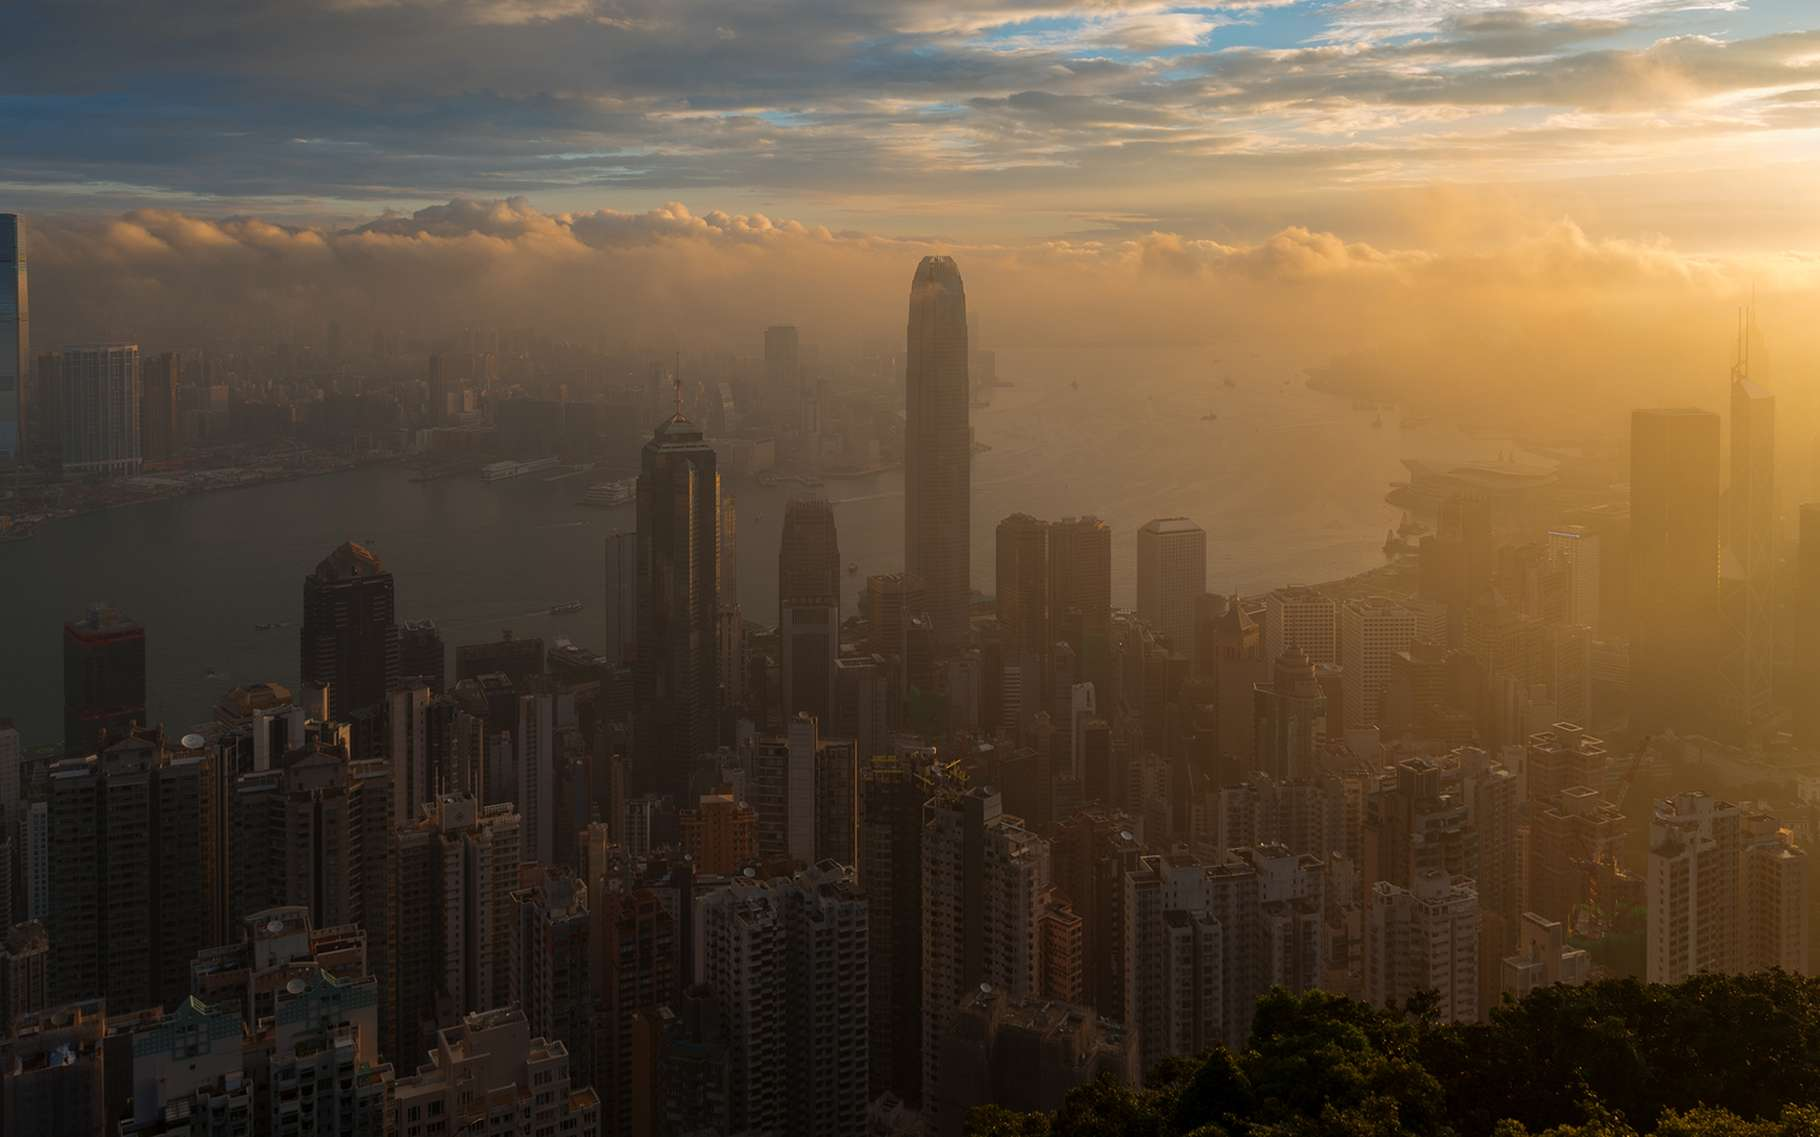 La pollution atmosphérique rend la population urbaine plus fragile. Elle est responsable de plusieurs millions de décès chaque année. © idreamipursue, Shutterstock